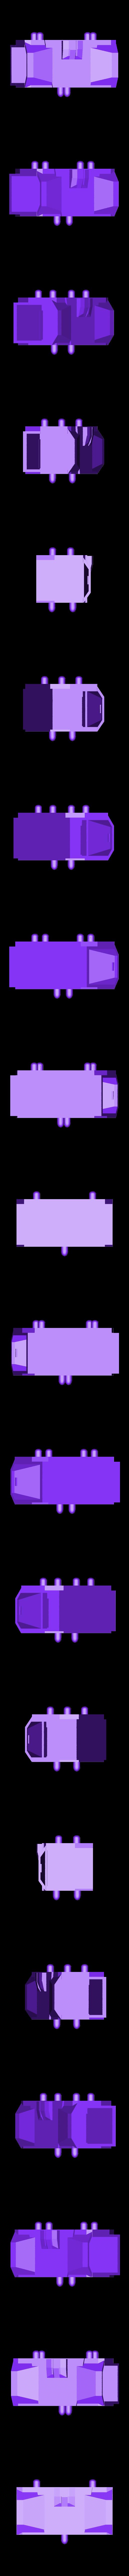 Revised_Mid_Section.stl Télécharger fichier STL gratuit Mech Dropship 2.0 • Design imprimable en 3D, mrhers2